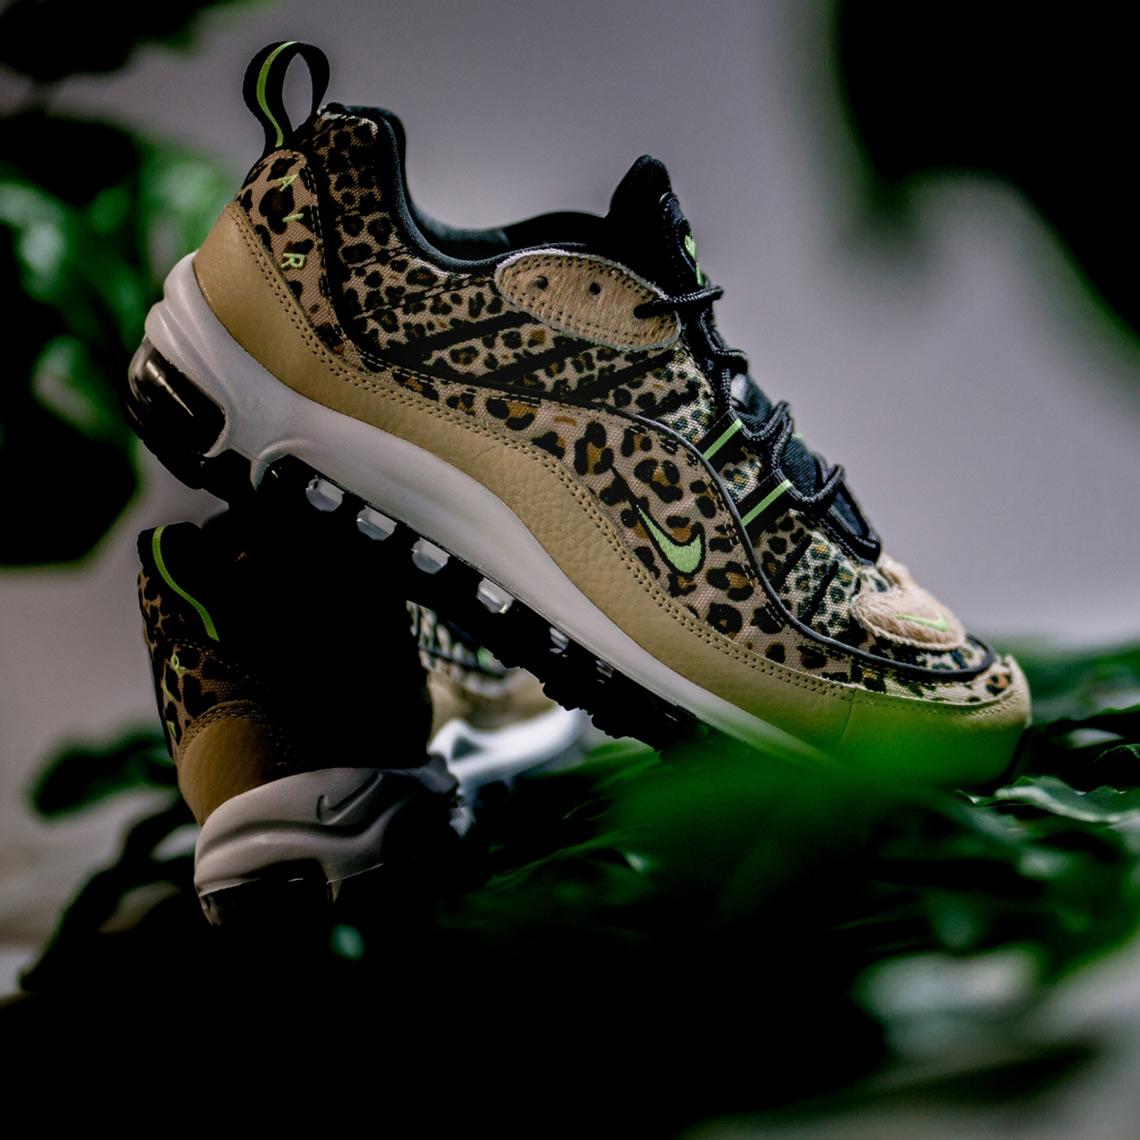 espalda presentación jugo  Nike Air Max 95 + Air Max 98 Leopard Store List | SneakerNews.com